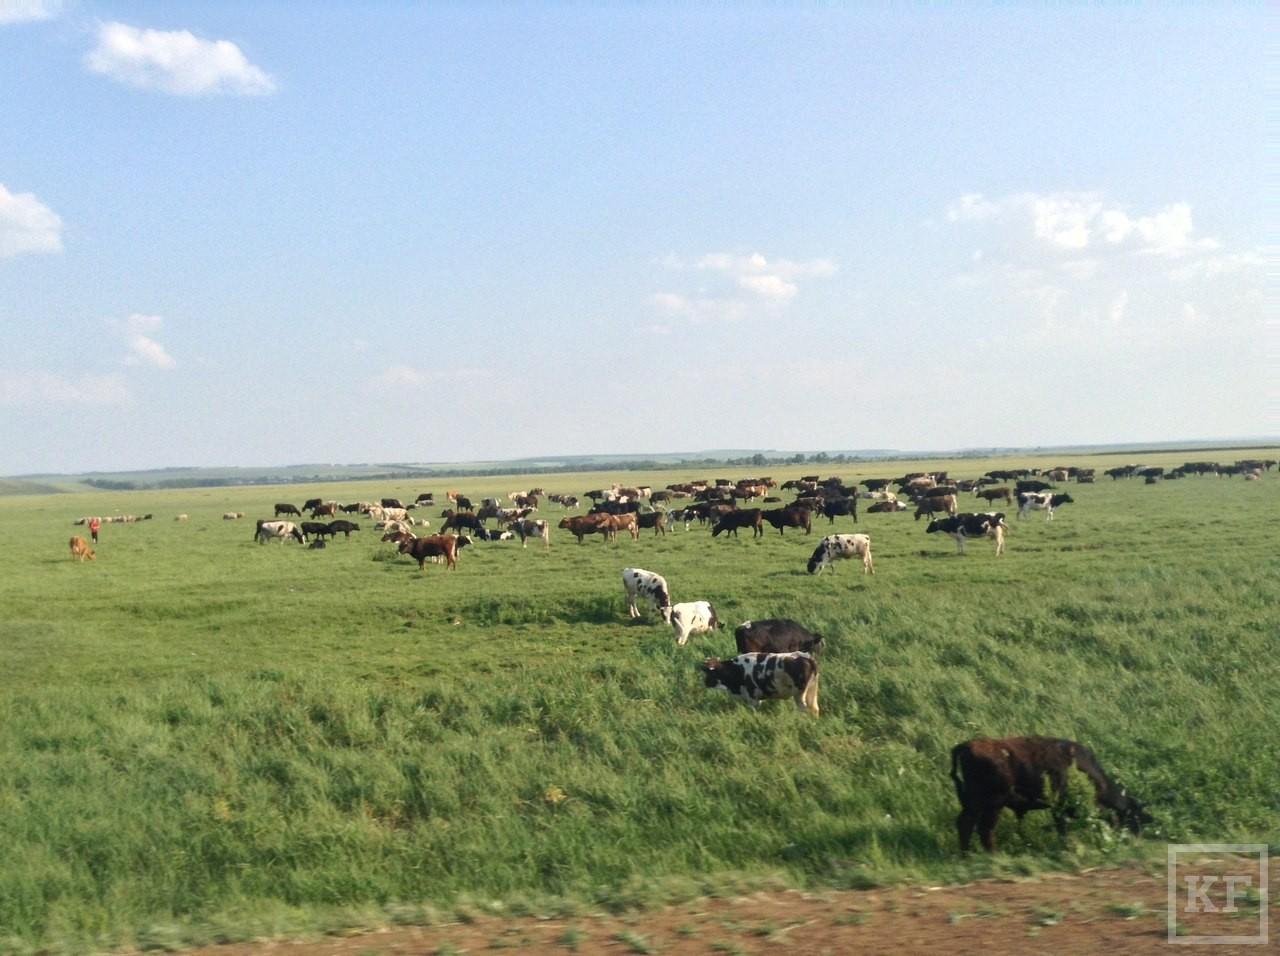 Впервые за растрату гранта фермеру из РТ грозит срок. Власти намерены впредь контролировать использование денег, выделенных аграриям